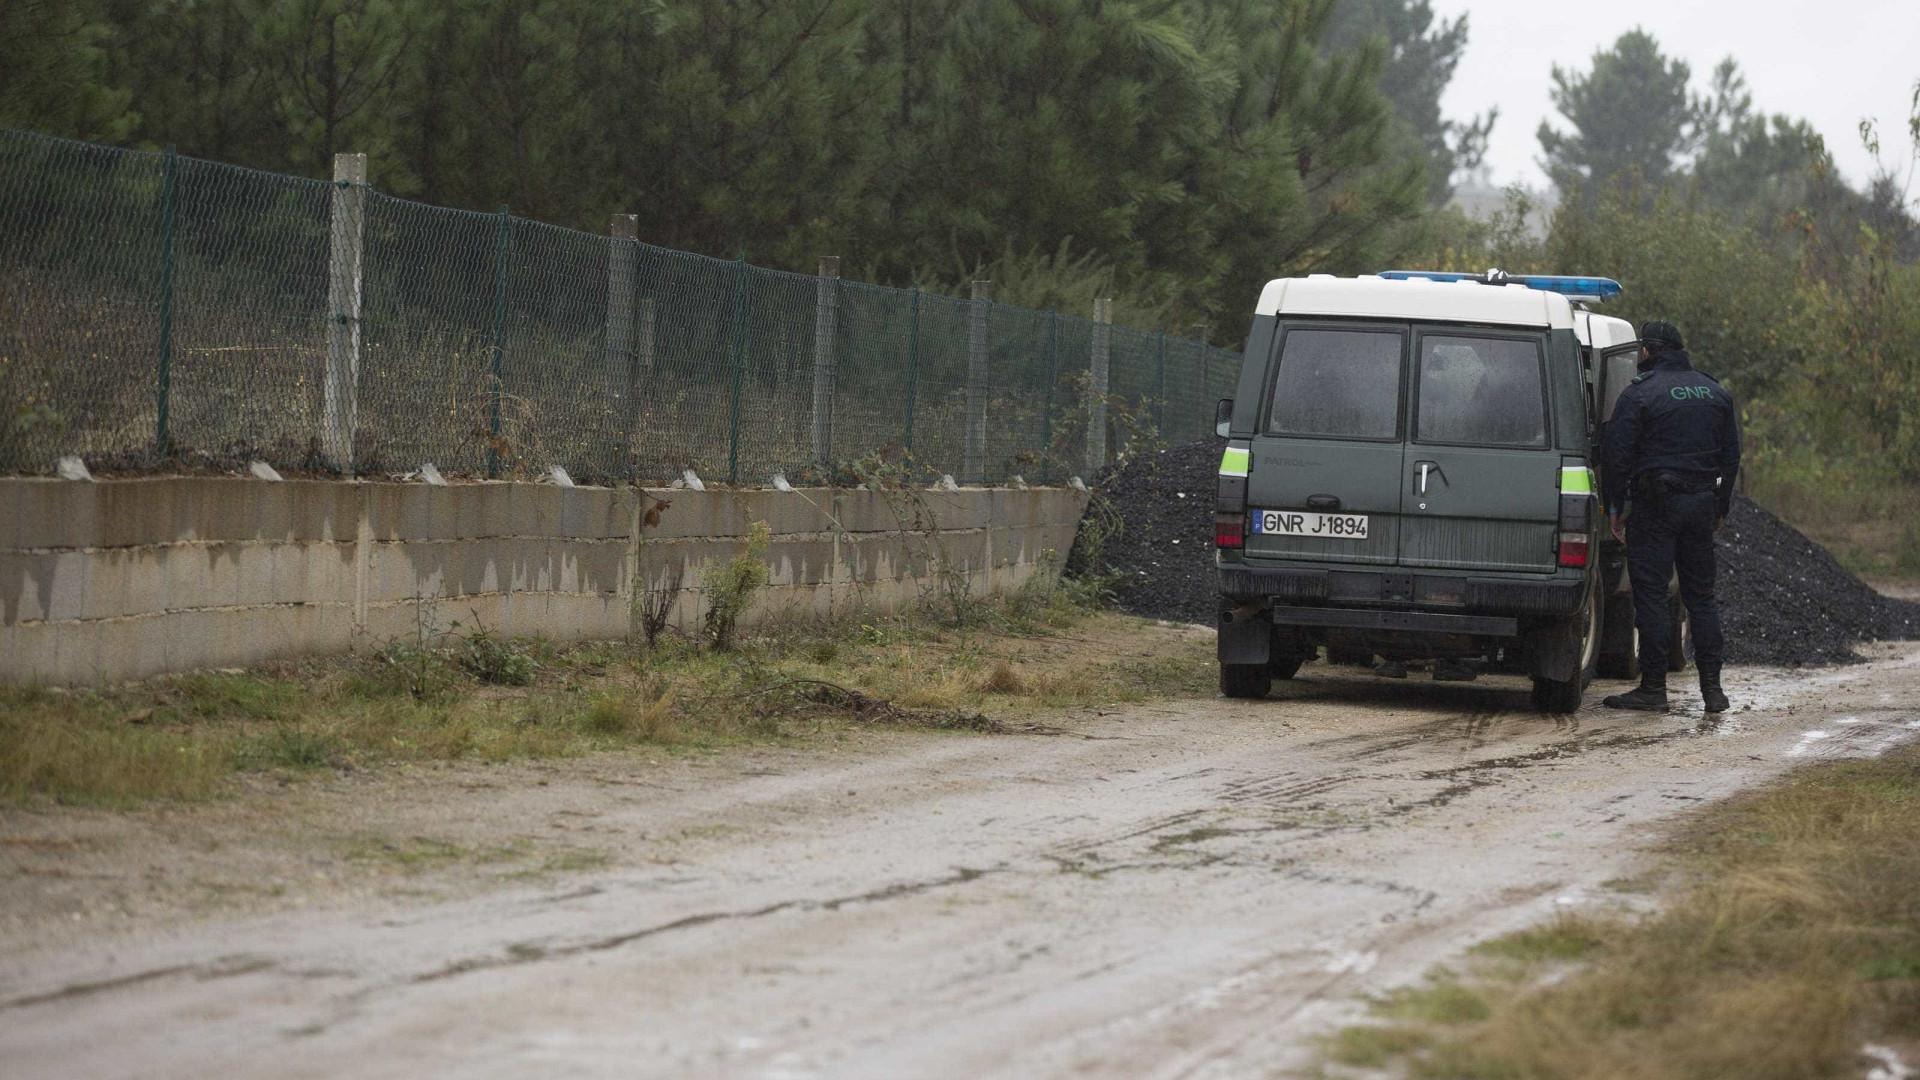 Encontrado morto cidadão espanhol desaparecido desde domingo em Vinhais